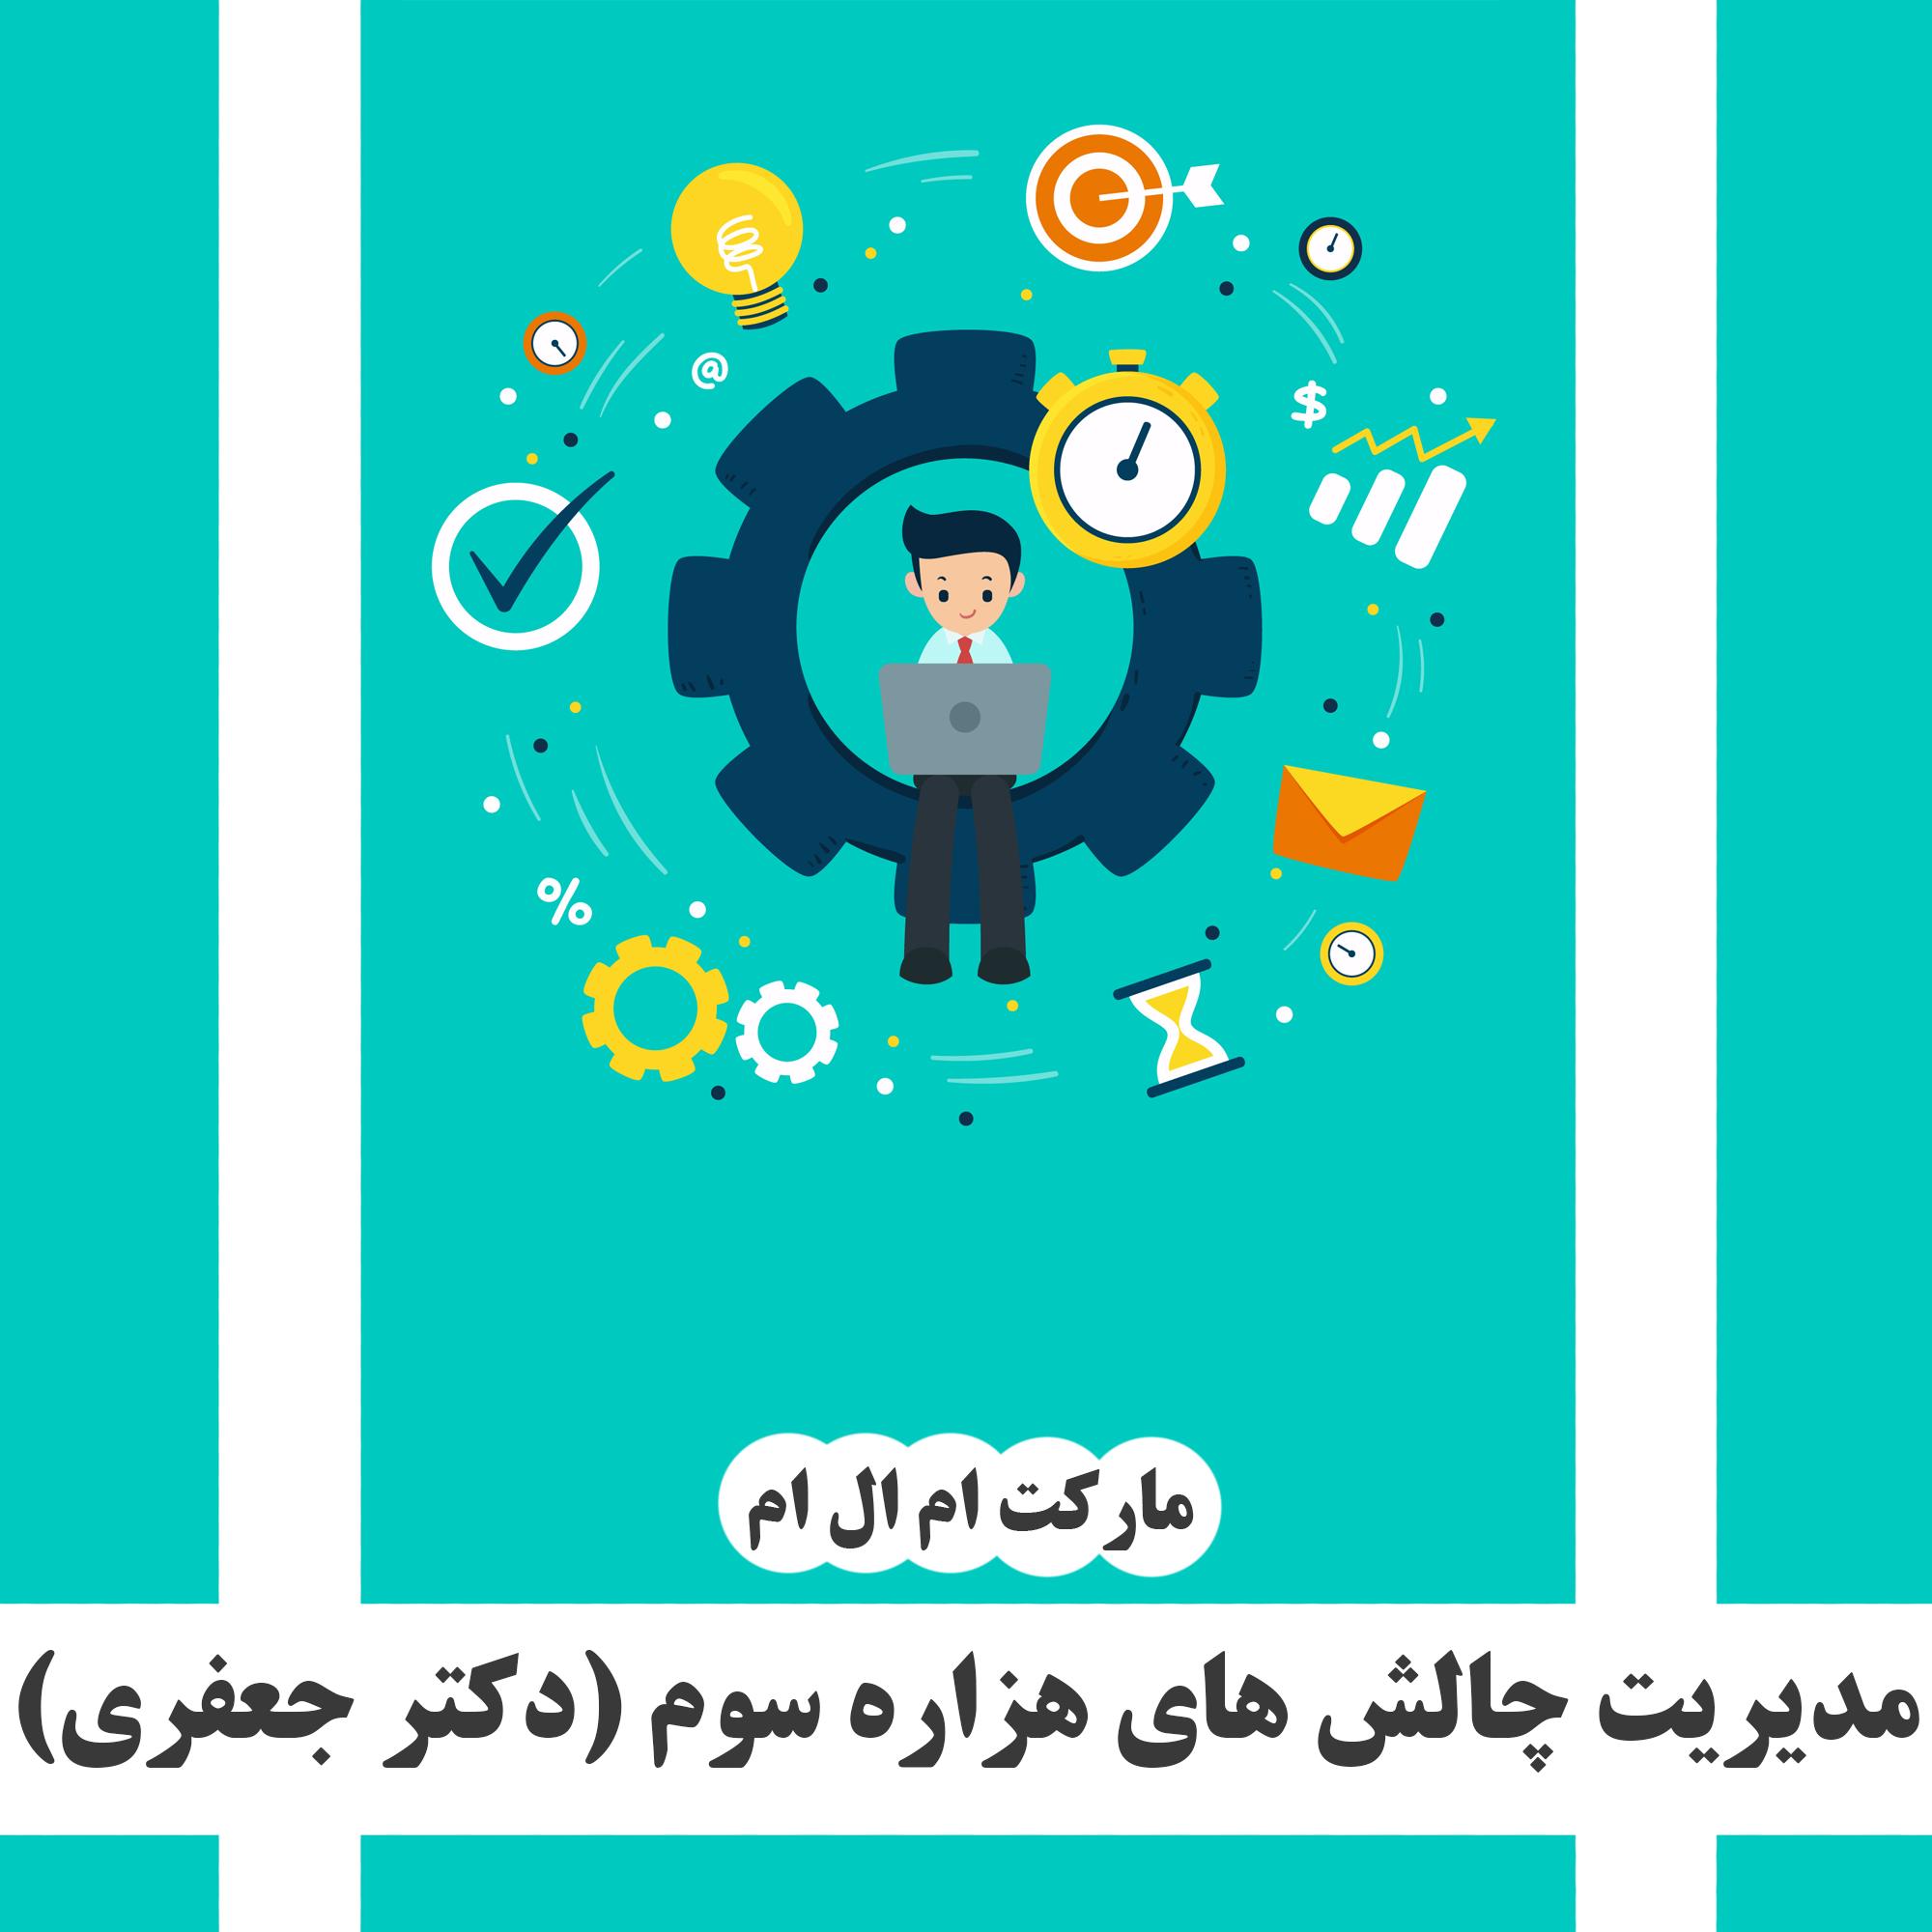 مدیریت چالش های هزاره سوم(دکتر جعفری)